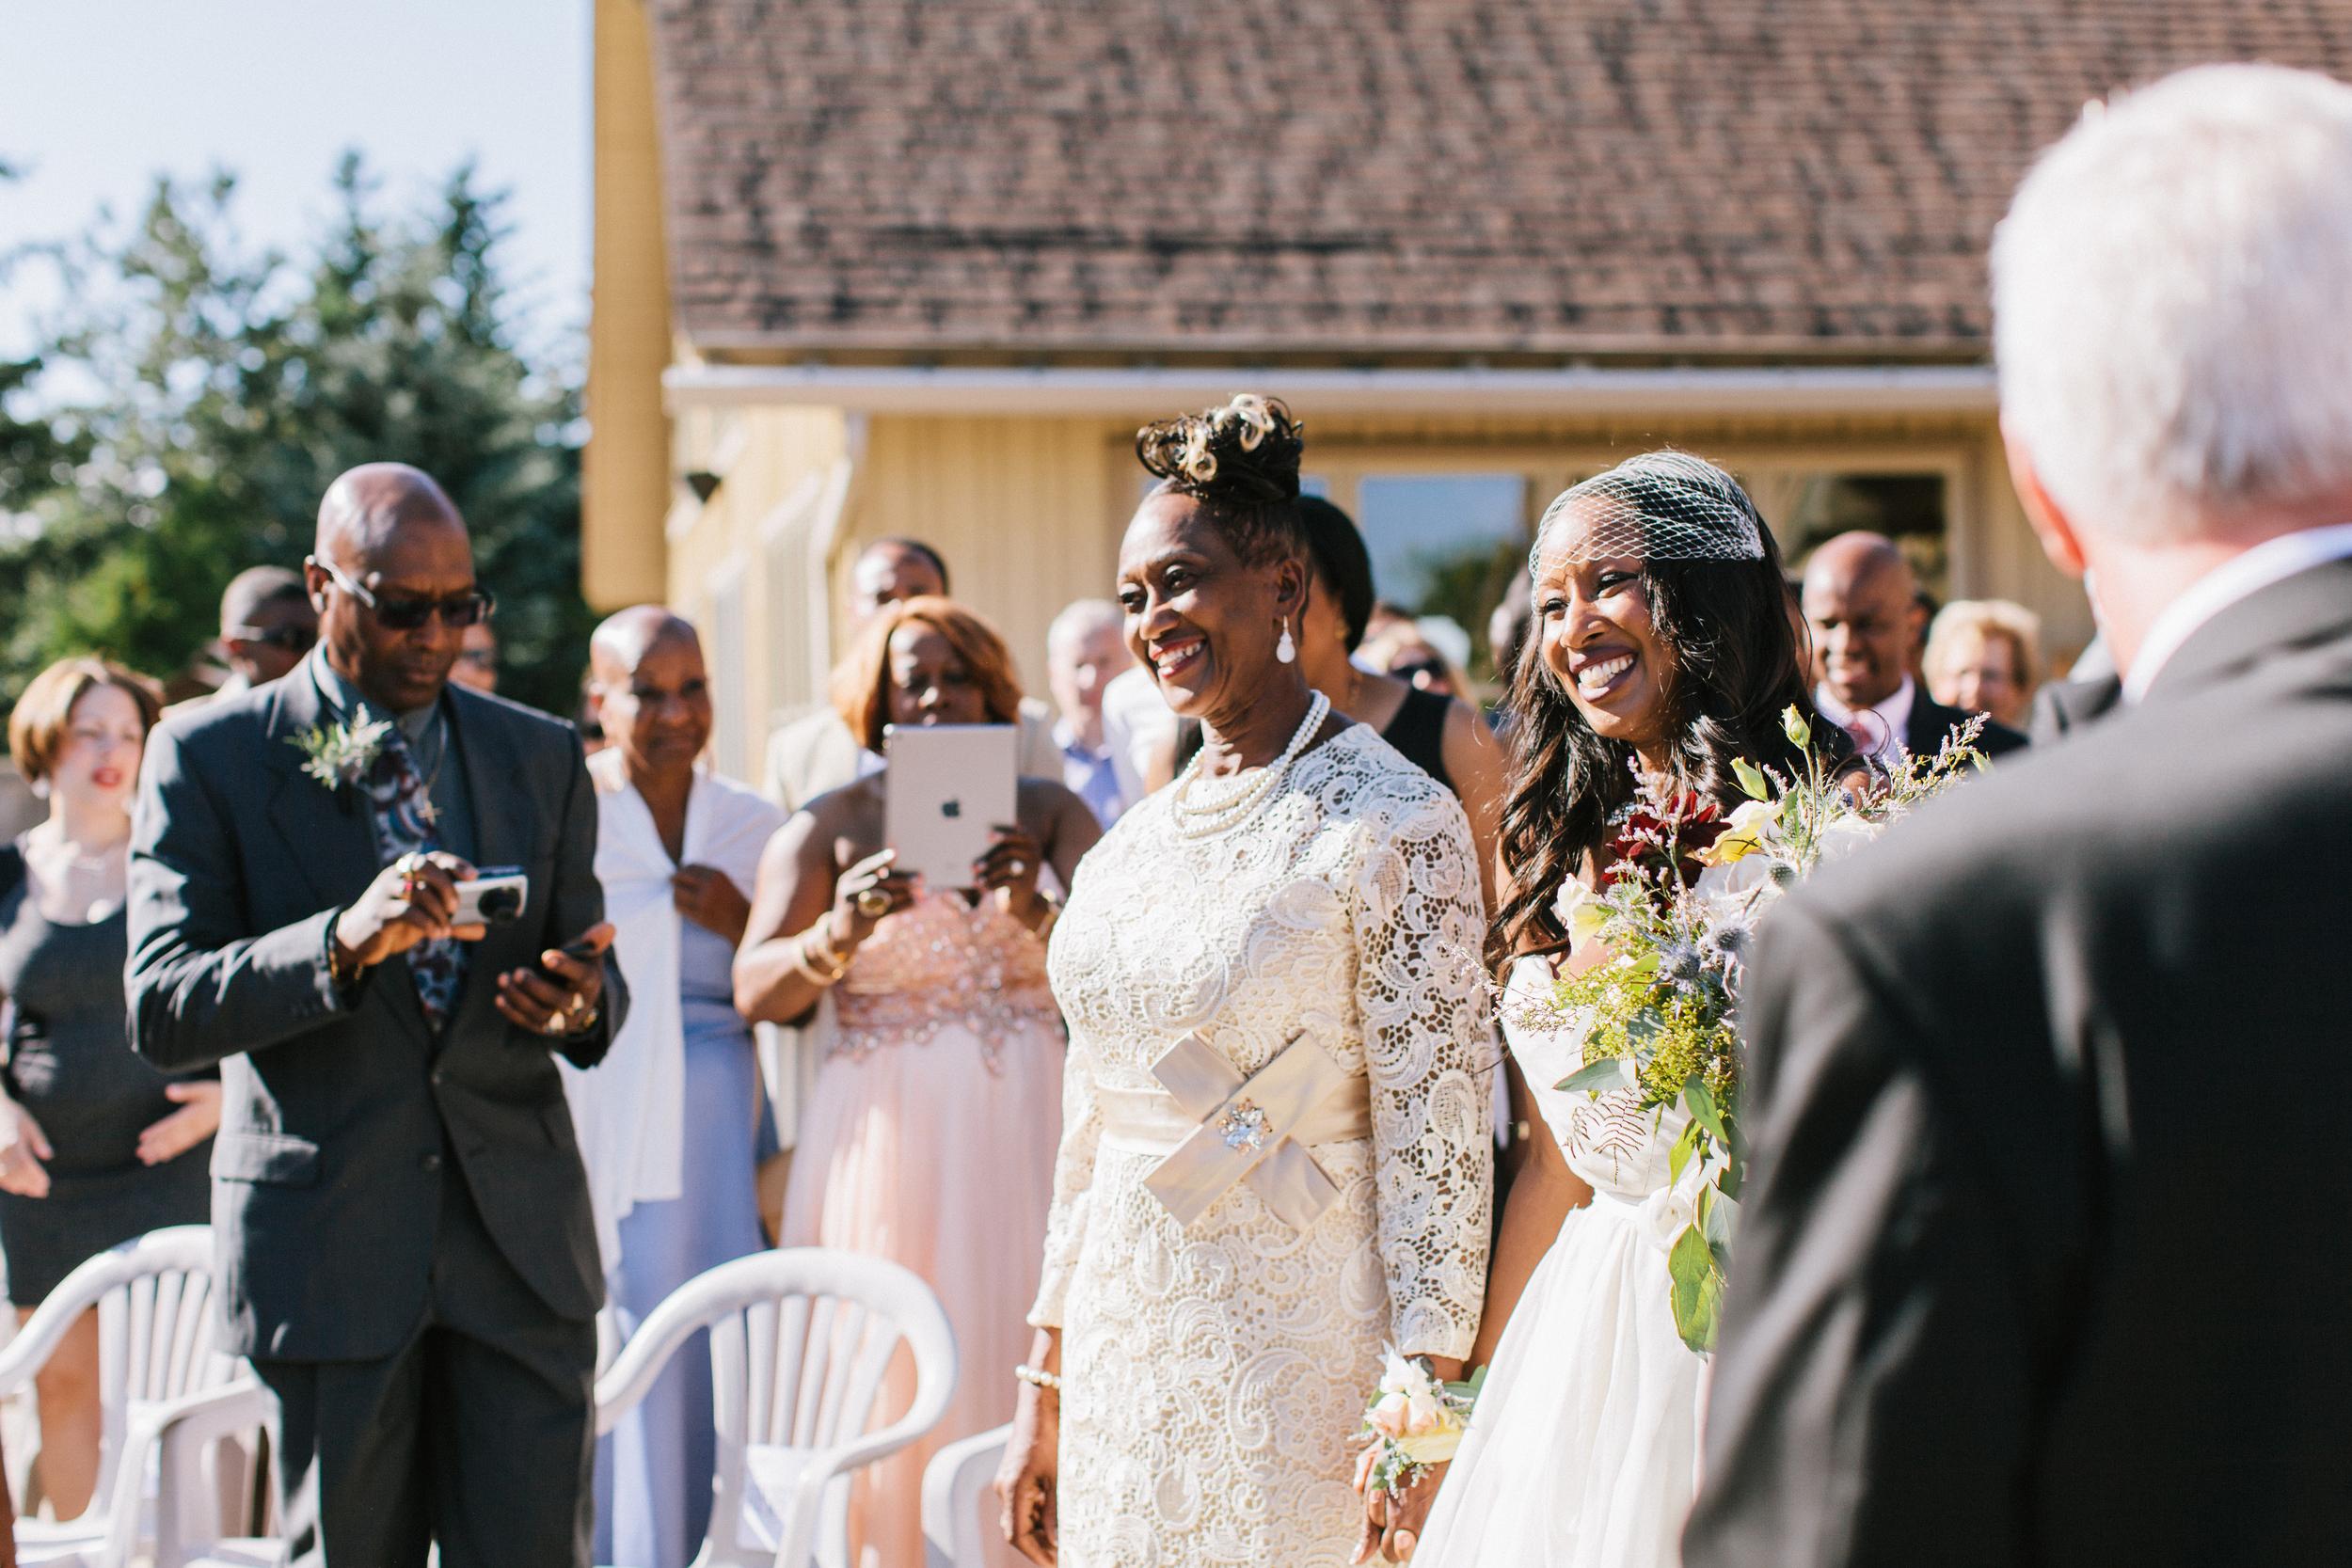 michael-rousseau-photography-shannae-ingleton-wedding-sean-craigleith-ski-club-wedding042.jpg